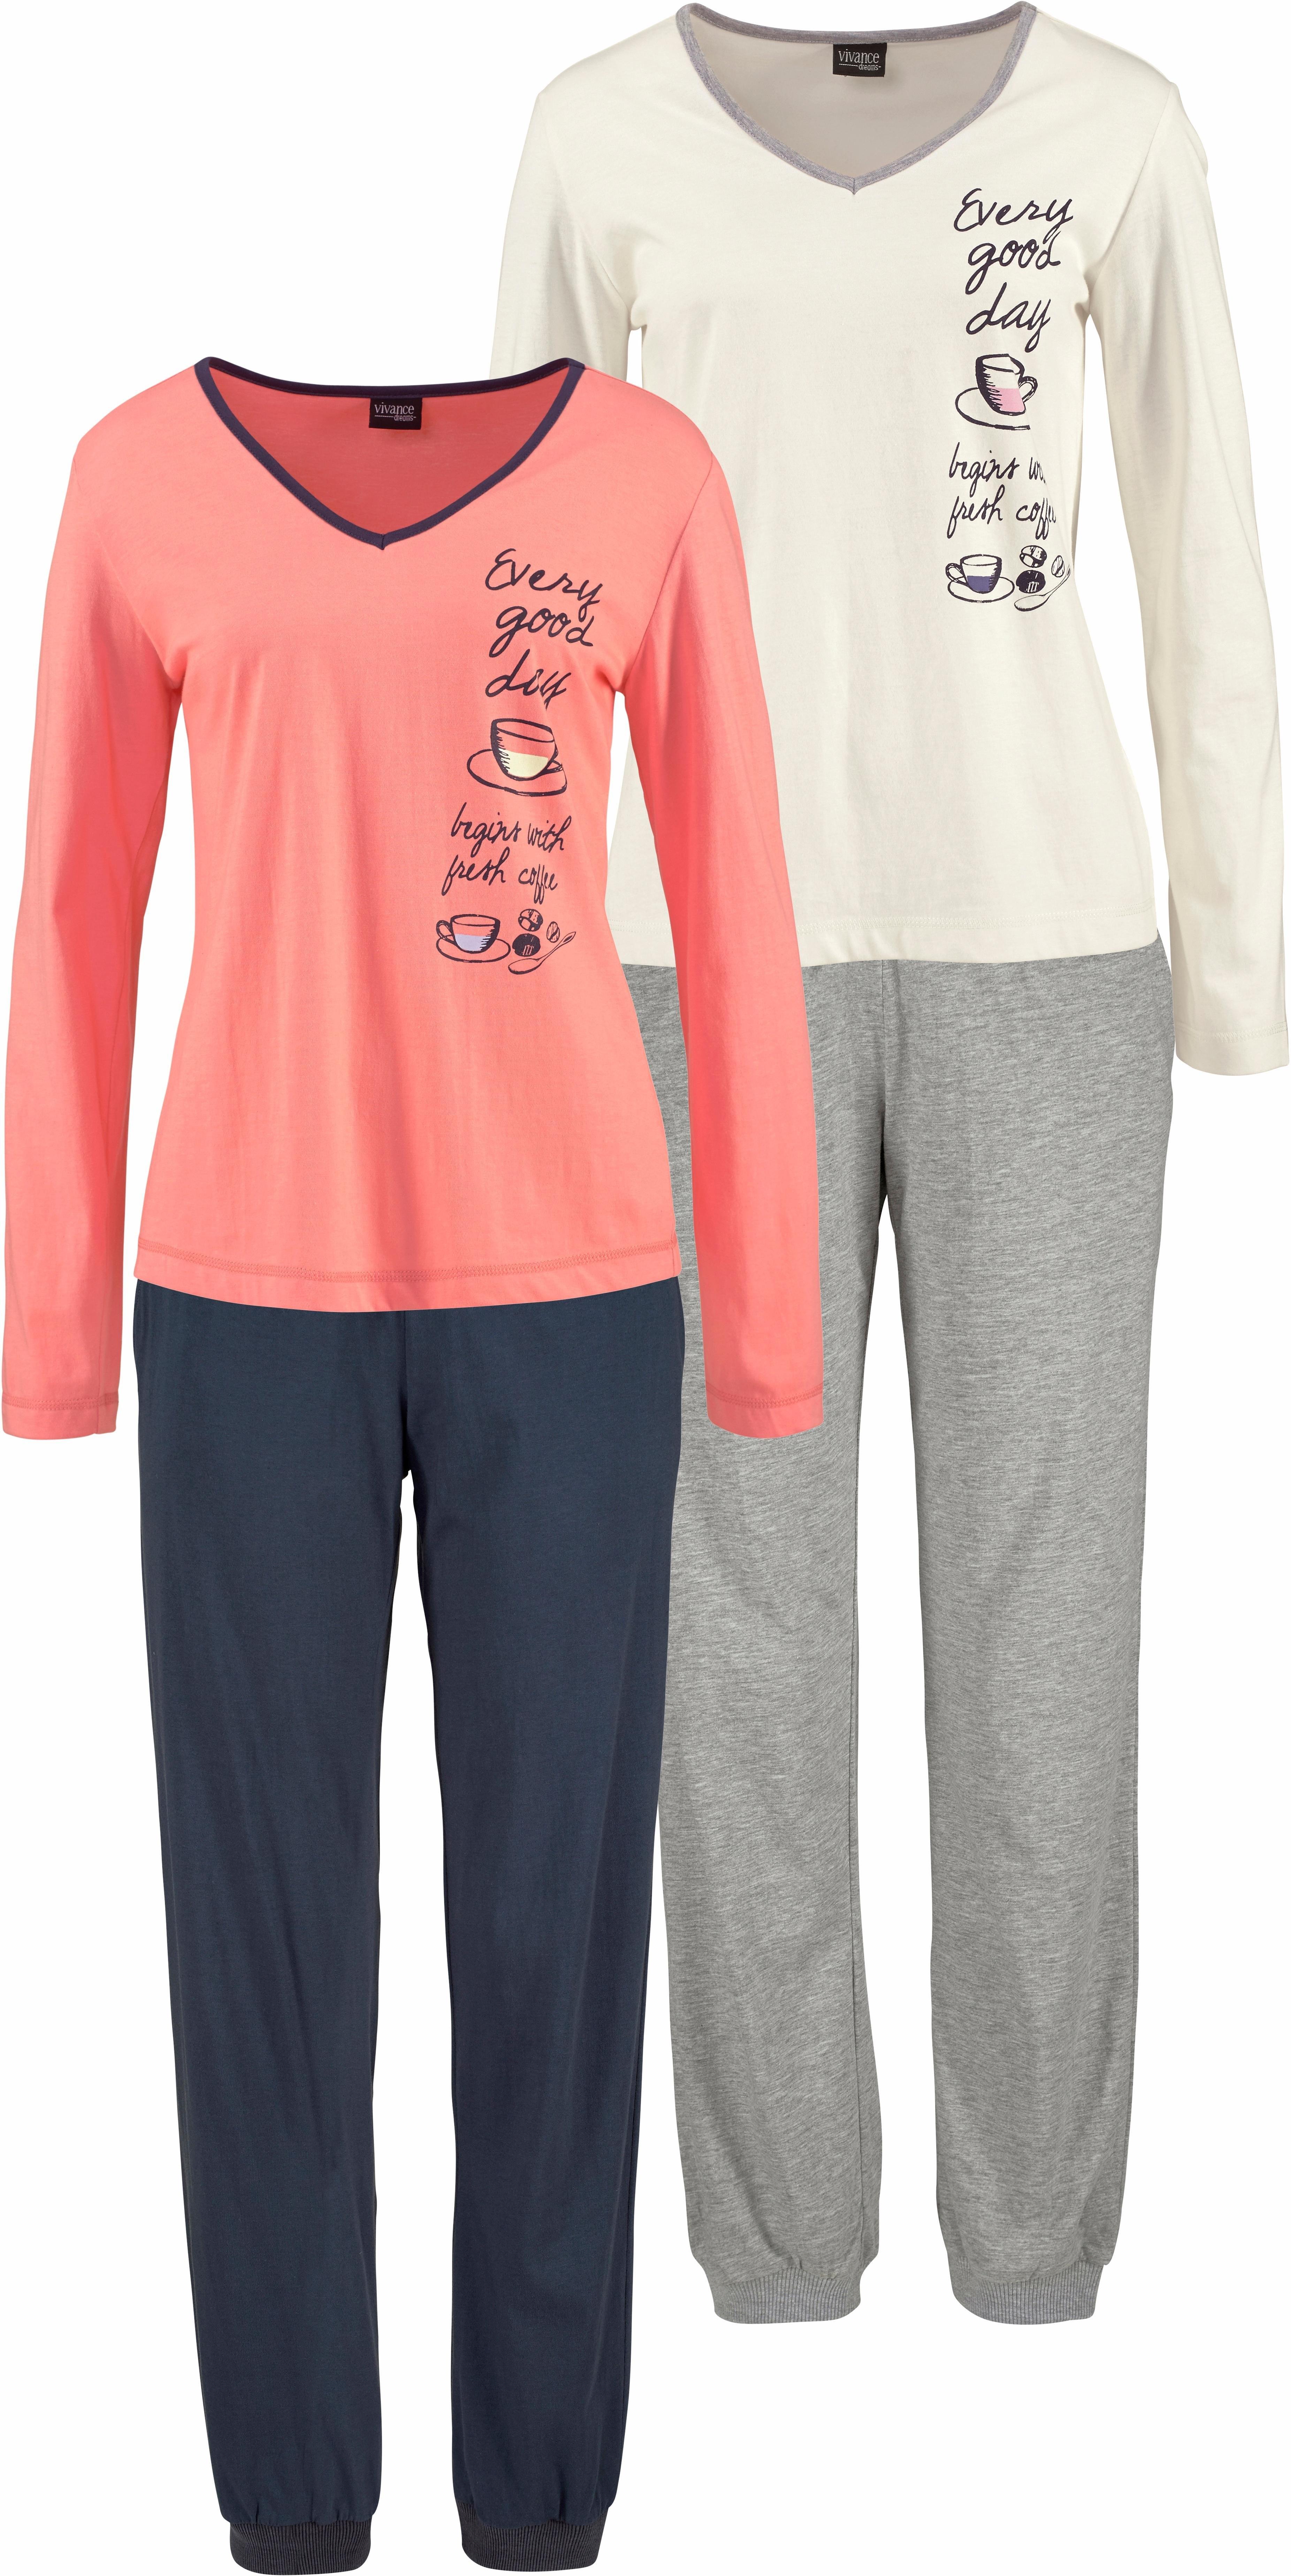 Vivance Collection VIVANCE DREAMS Pyjama in set van 2 veilig op lascana.nl kopen